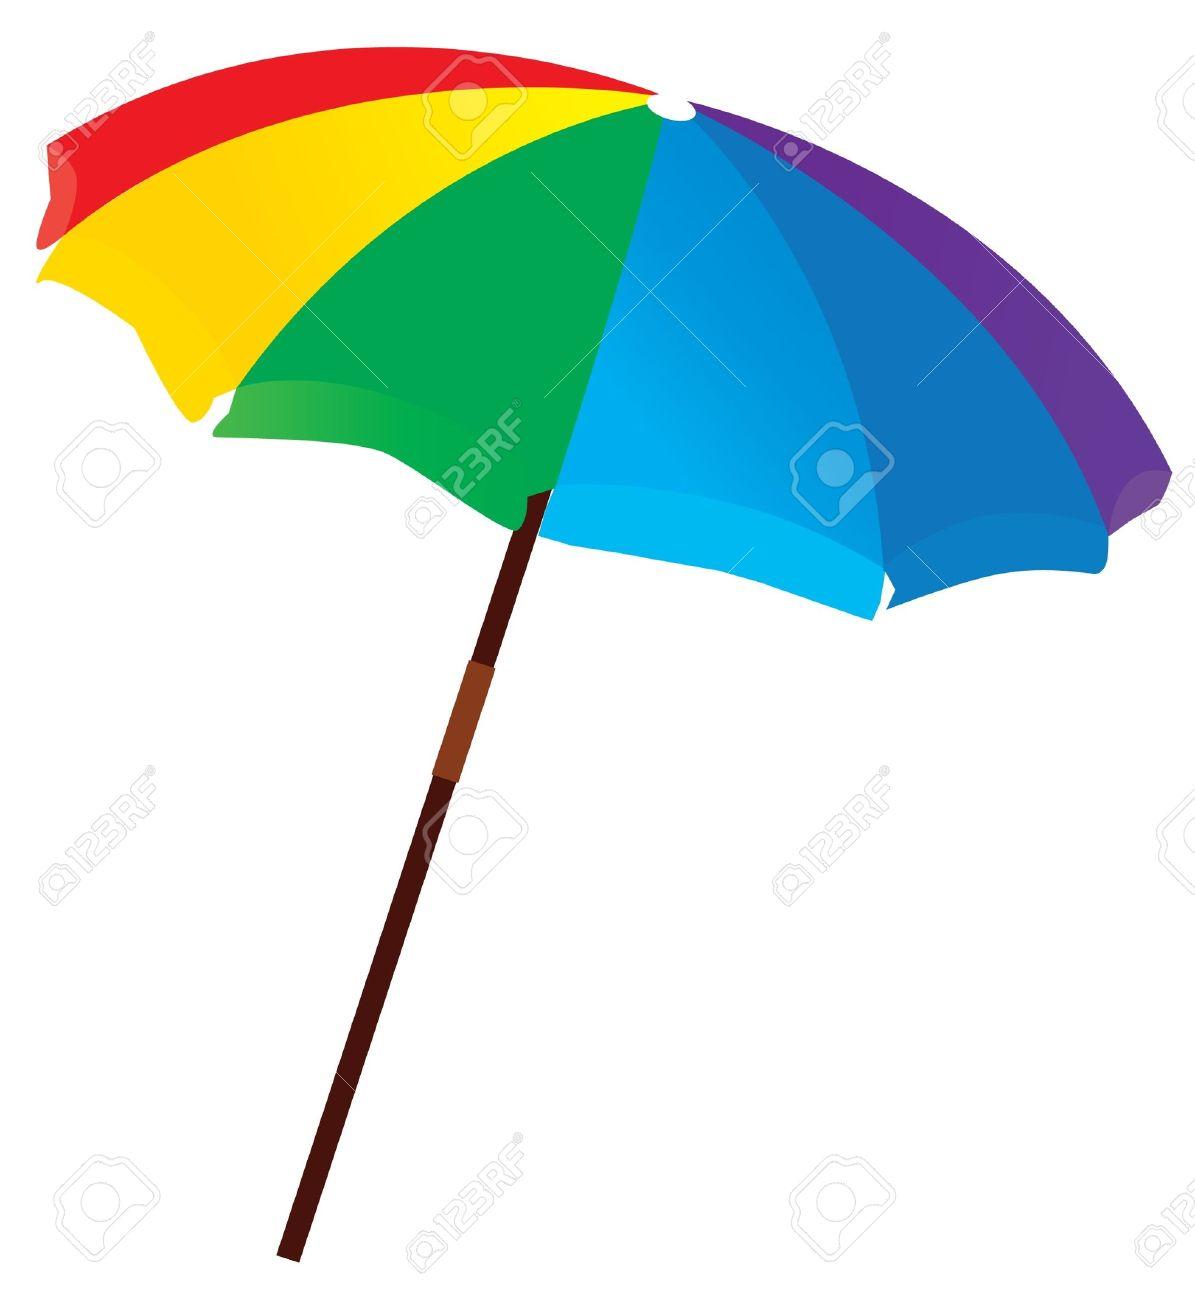 parasol clipart